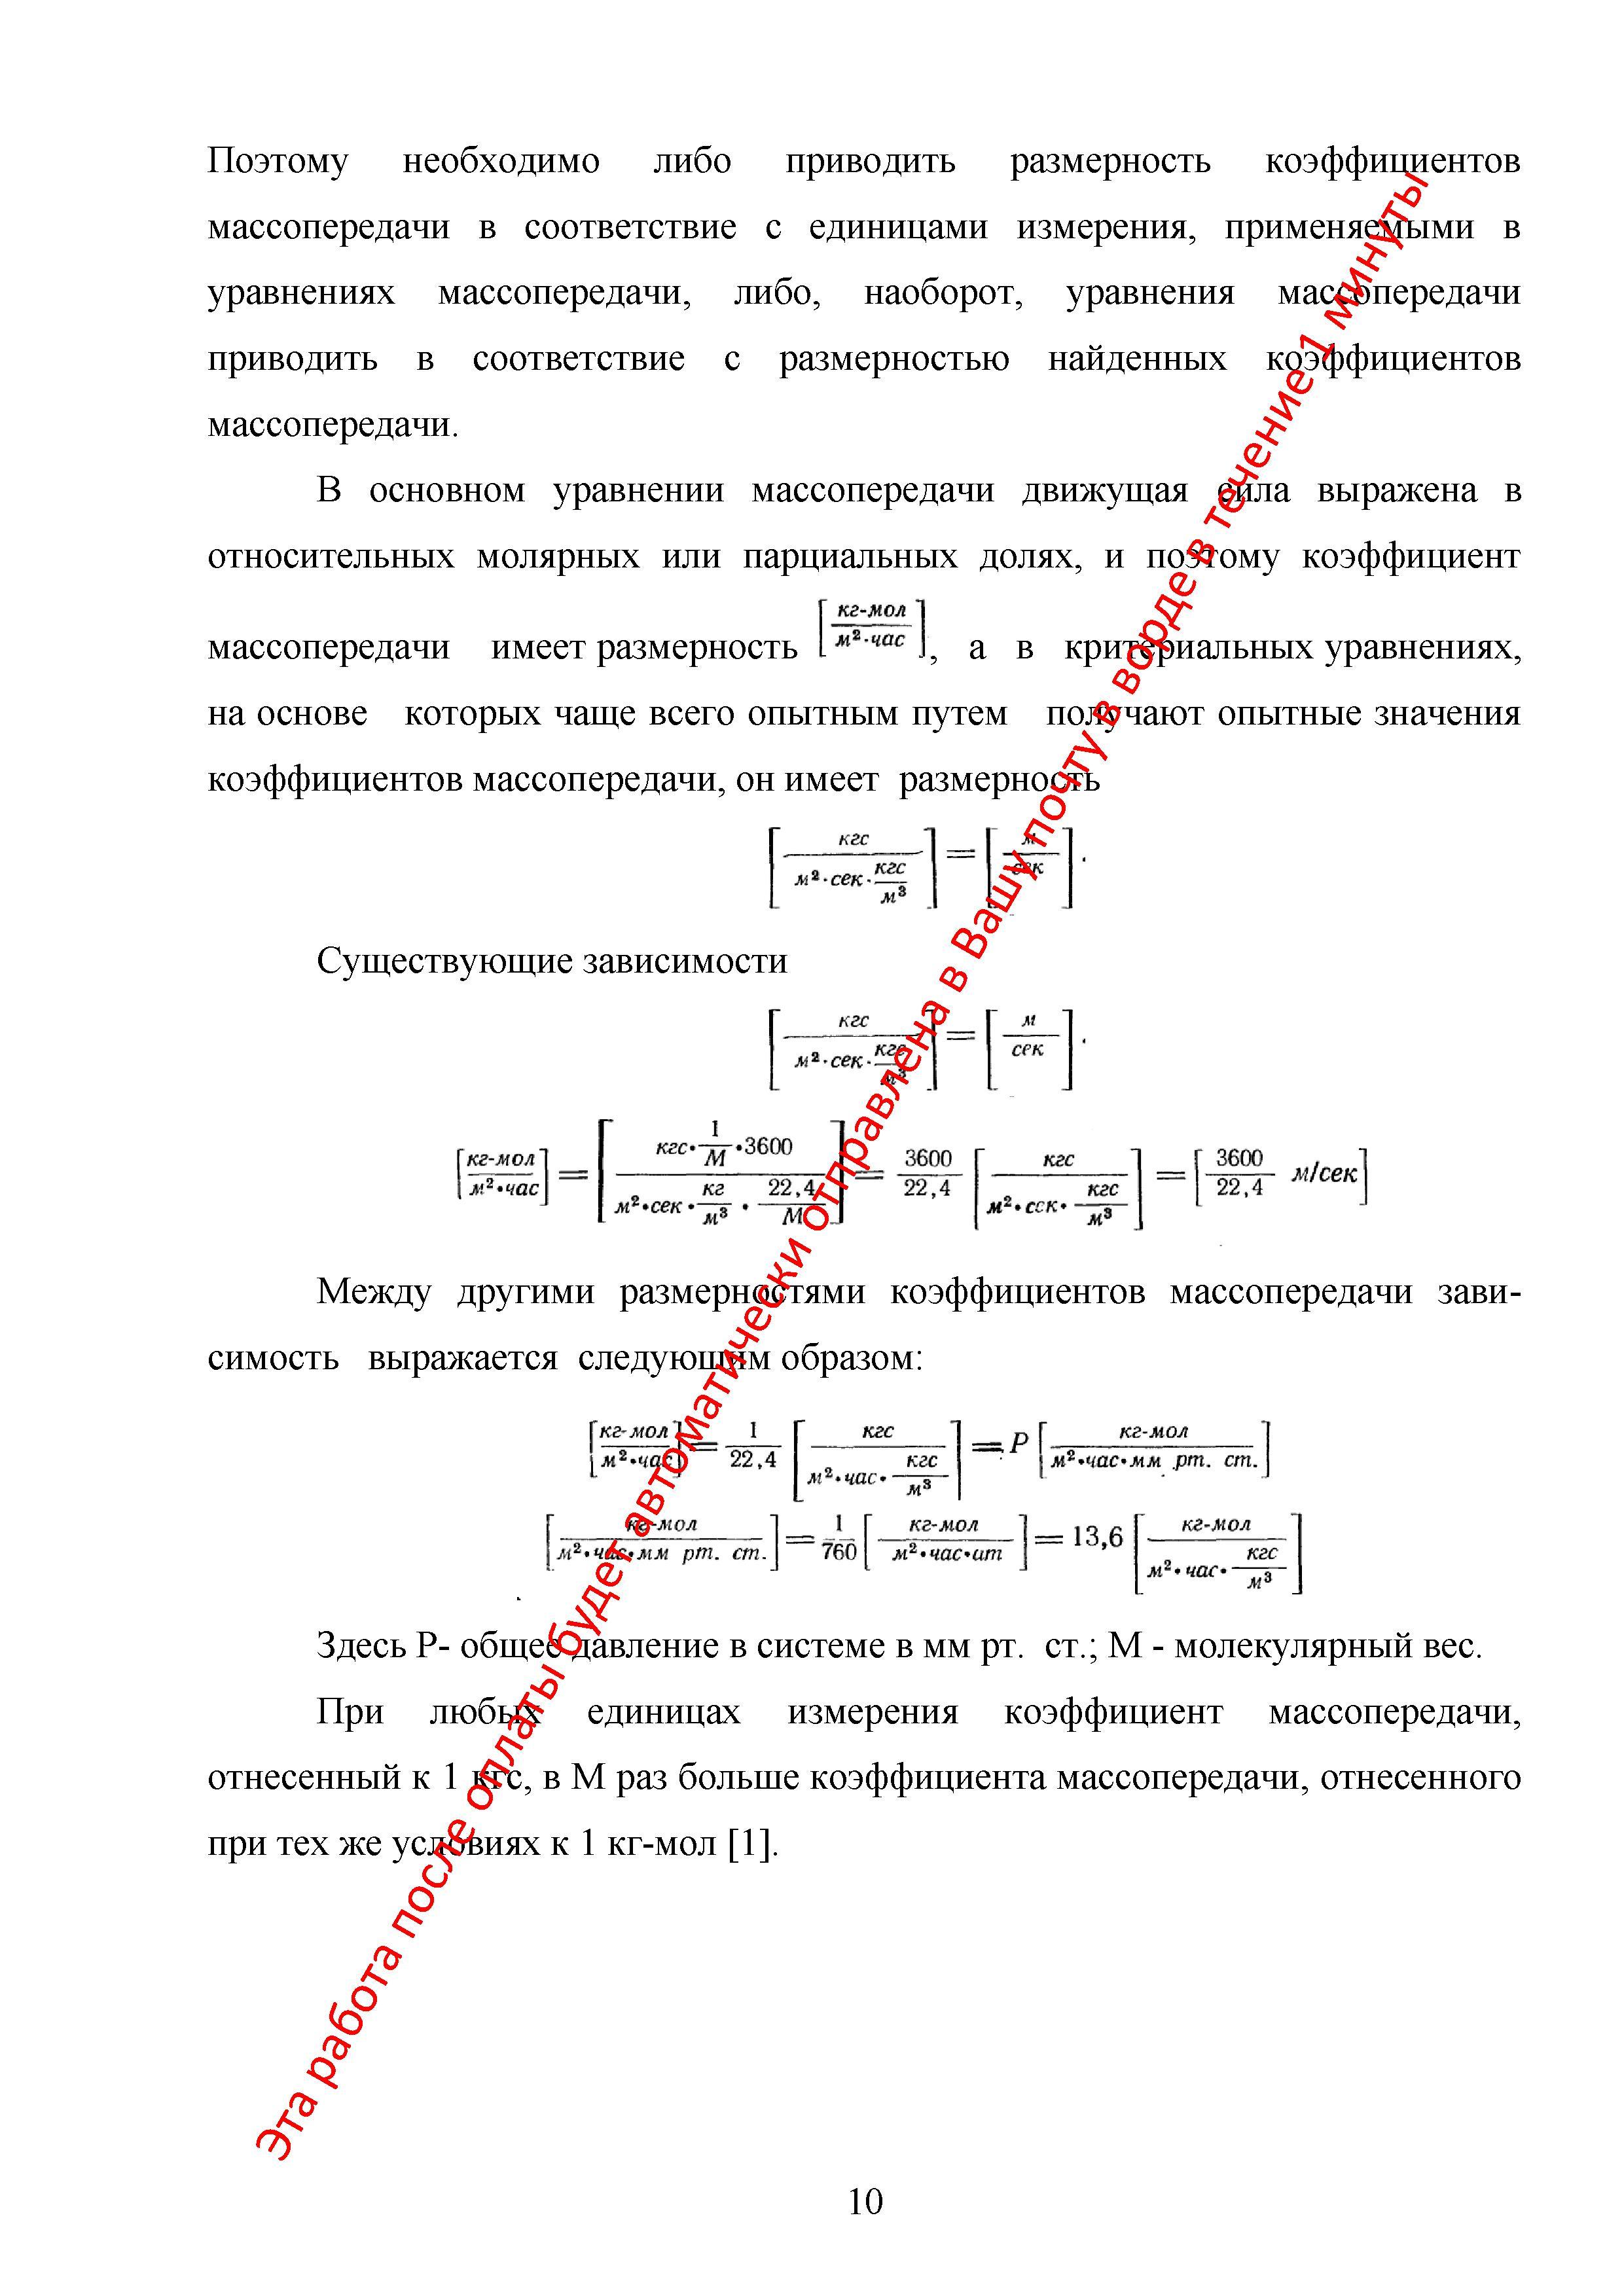 Ответы на вопросы ПАХТ Процессы и аппараты химической технологии